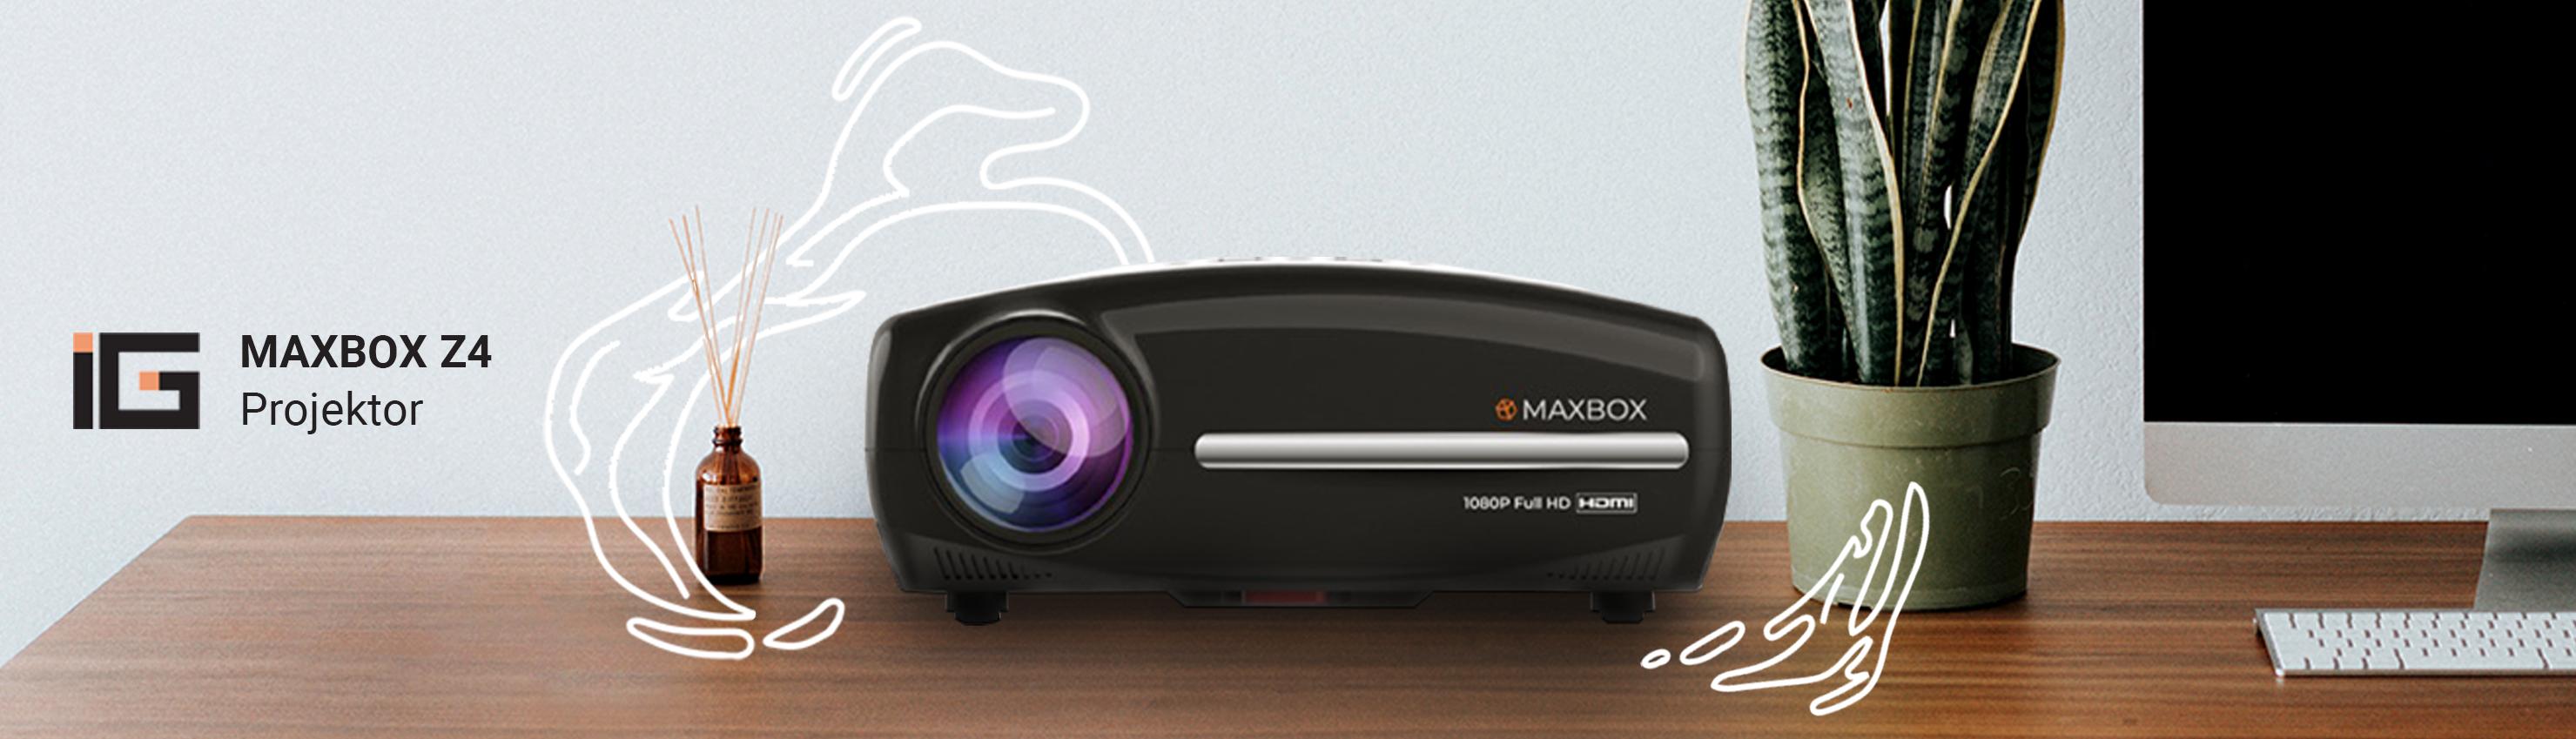 maxbox z4 projektor